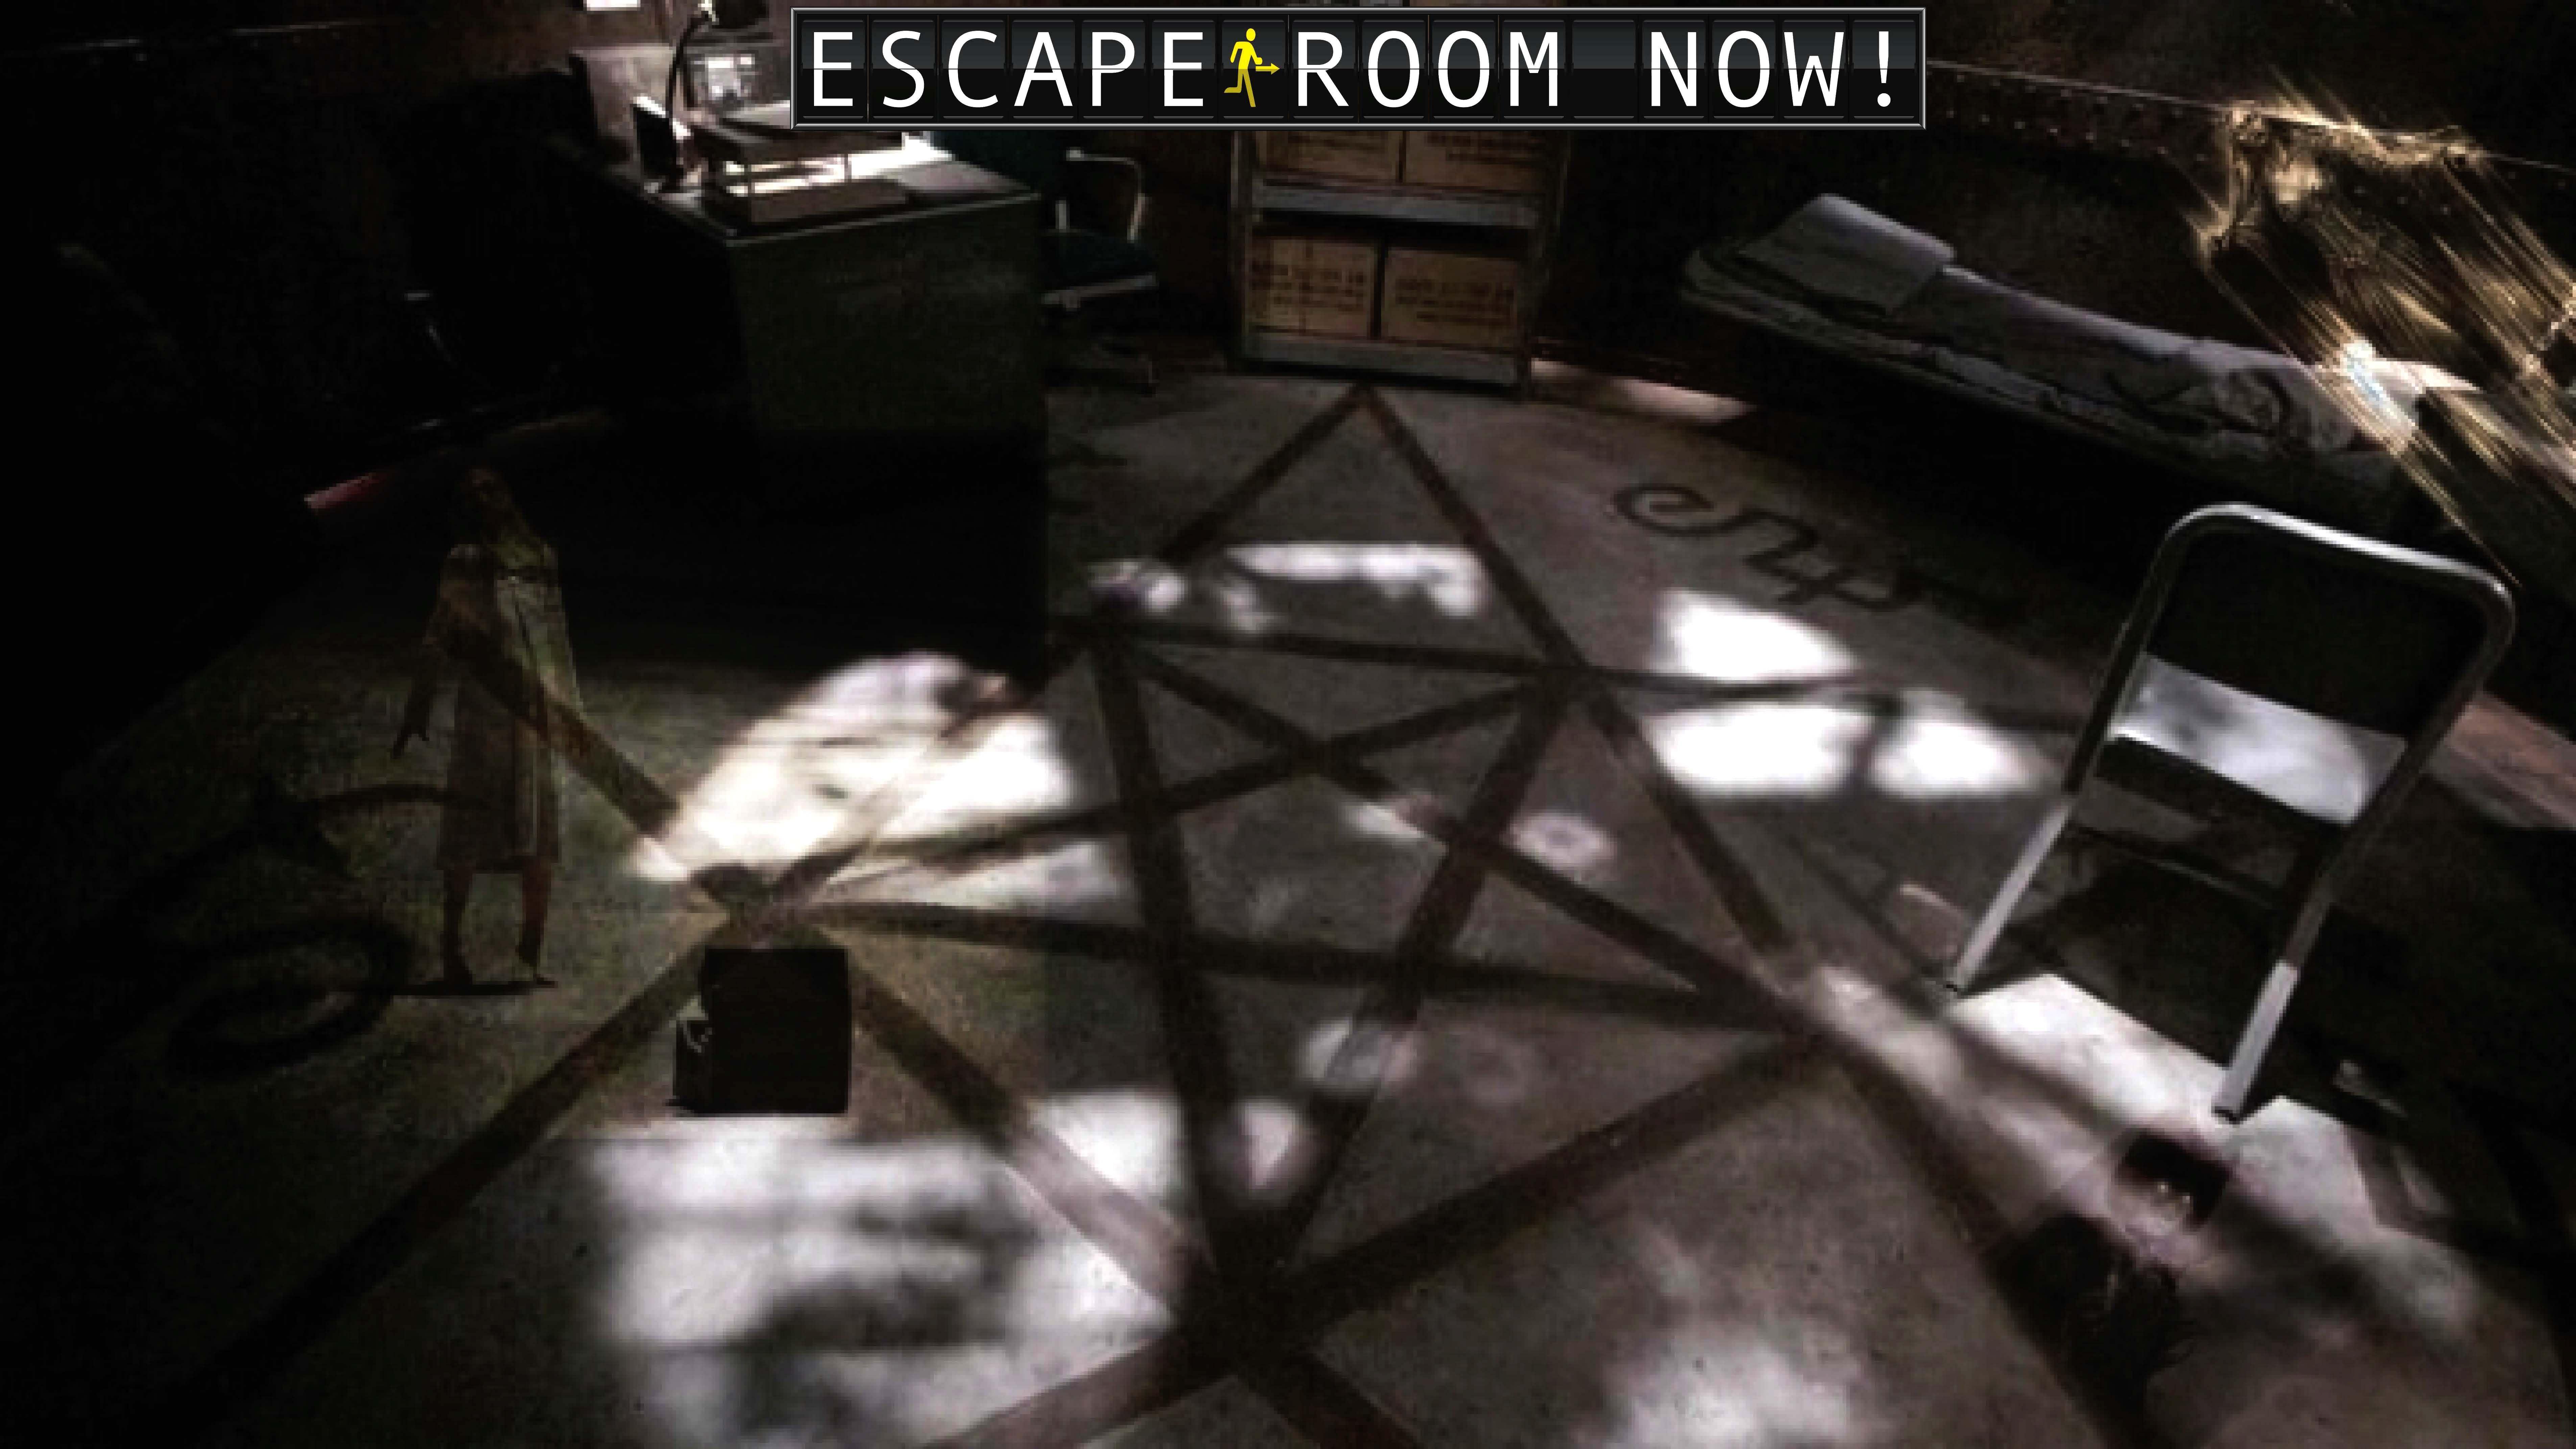 Escape room now ploie ti escape rooms company based in for Escape room escape